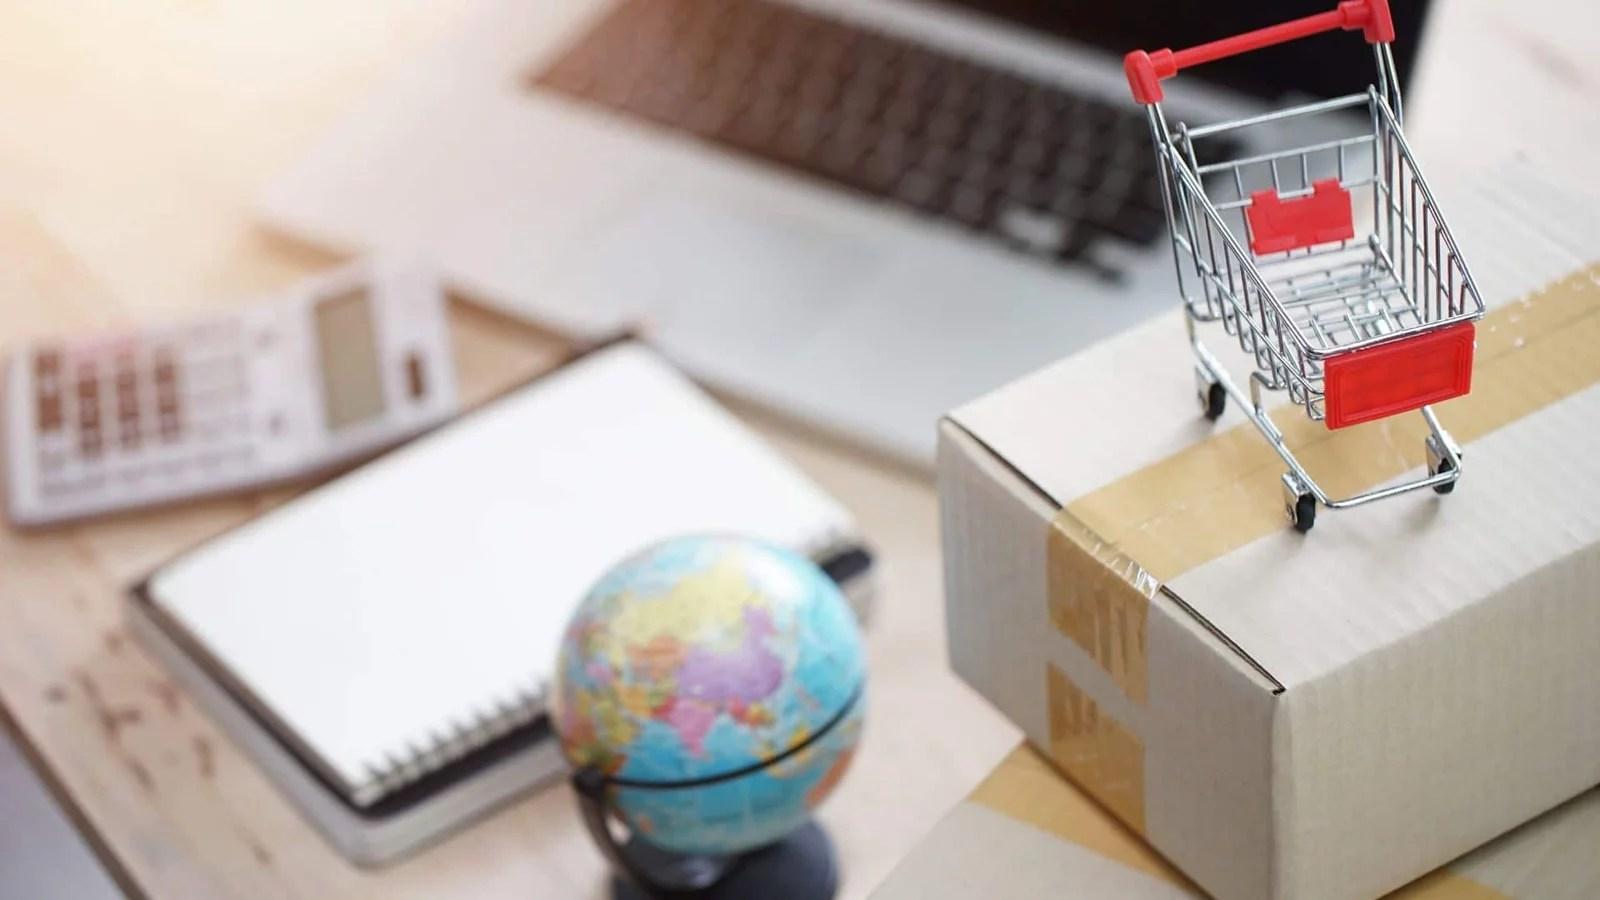 COMMENT ÉCRIRE UNE PAGE DE VENTE EFFICACE | 5 CONSEILS POUR LES NEWBIES/DÉBUTANTS EN WEBMARKETING 🧐